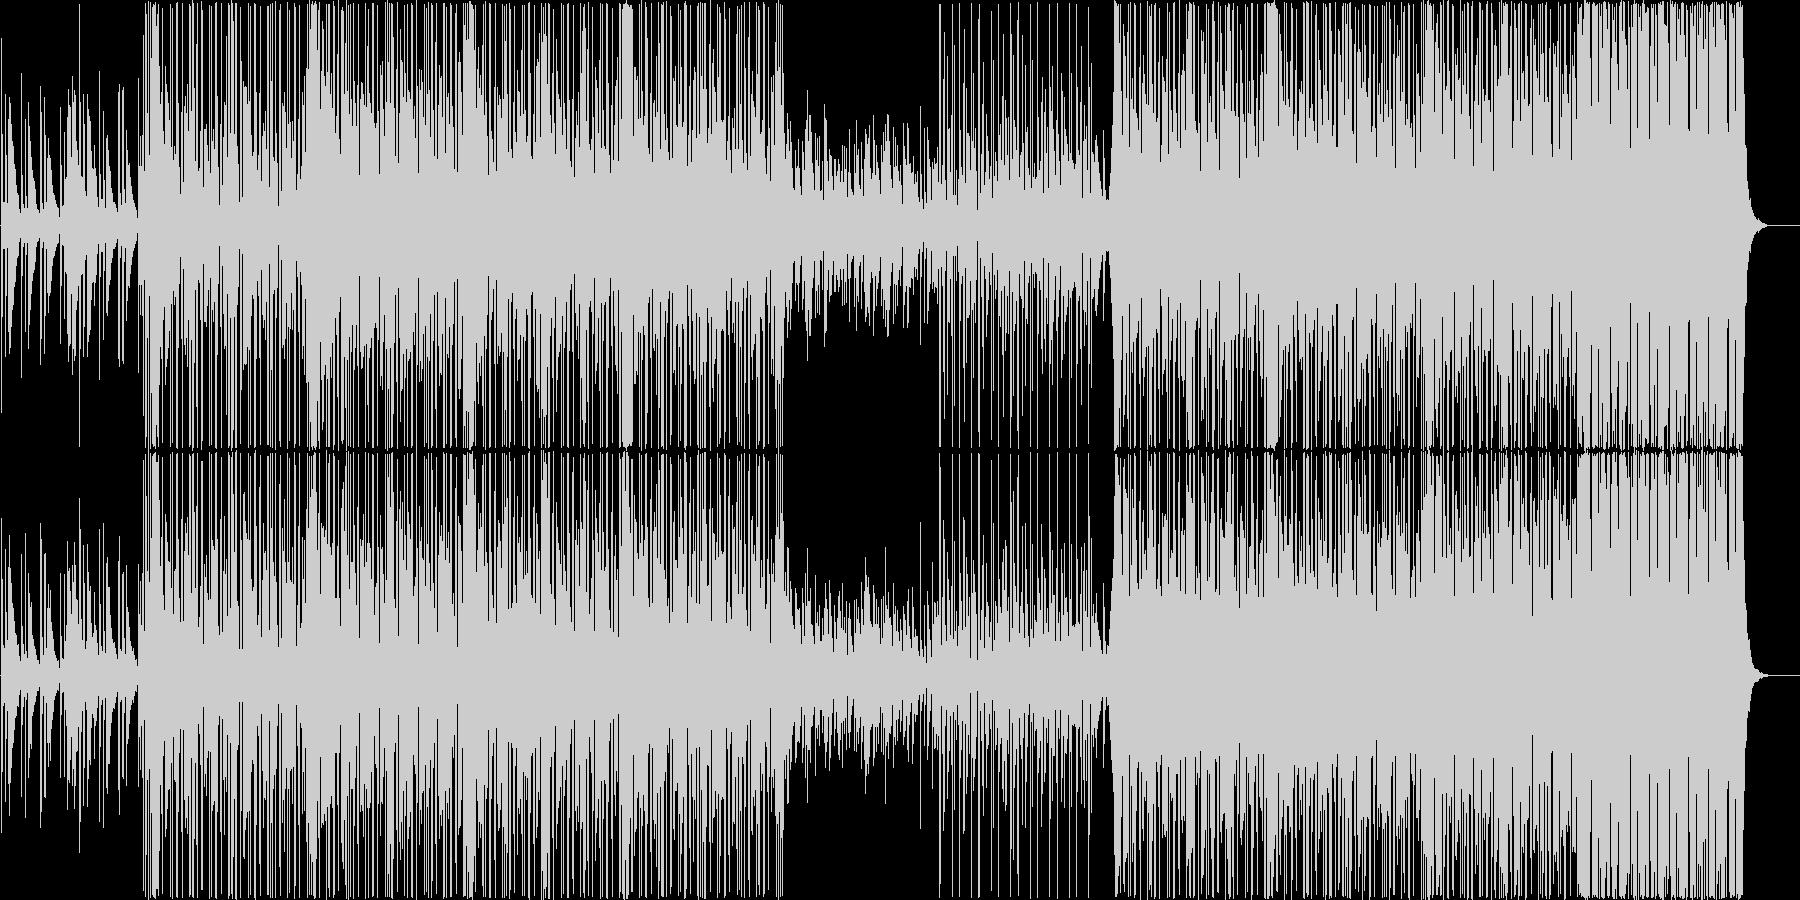 【メロディ抜き】三味線とバイオリンの和風の未再生の波形